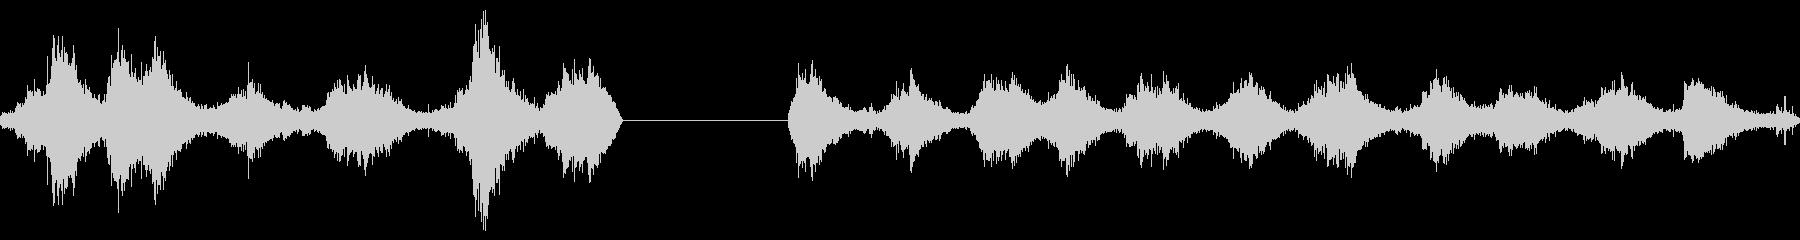 ブタフェメロインセンスバーナースイングの未再生の波形